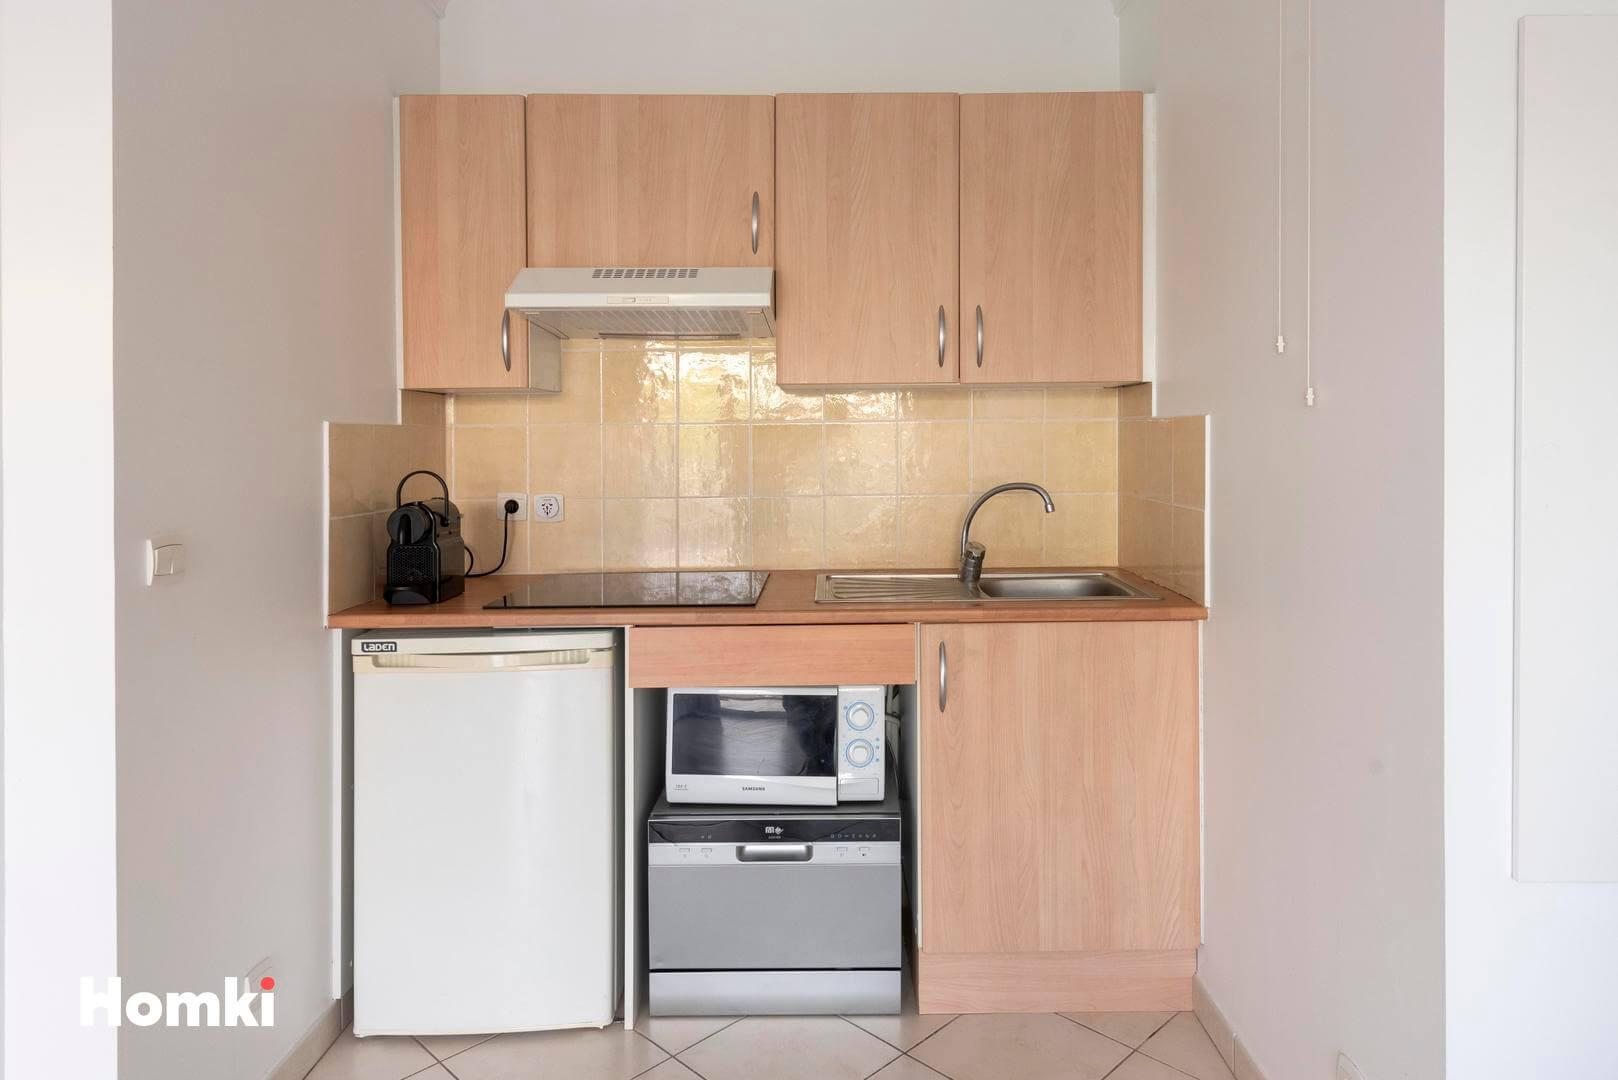 Homki - Vente Appartement  de 37.07 m² à Antibes 06160